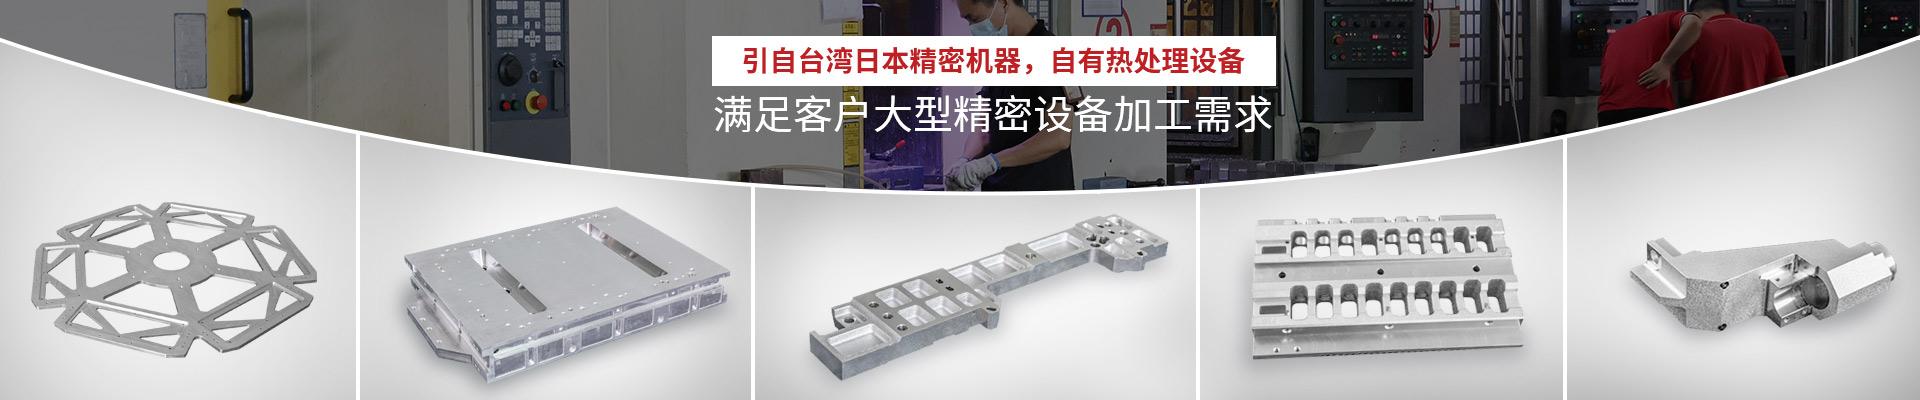 乐麒腾-满足客户大型精密设备加工需求